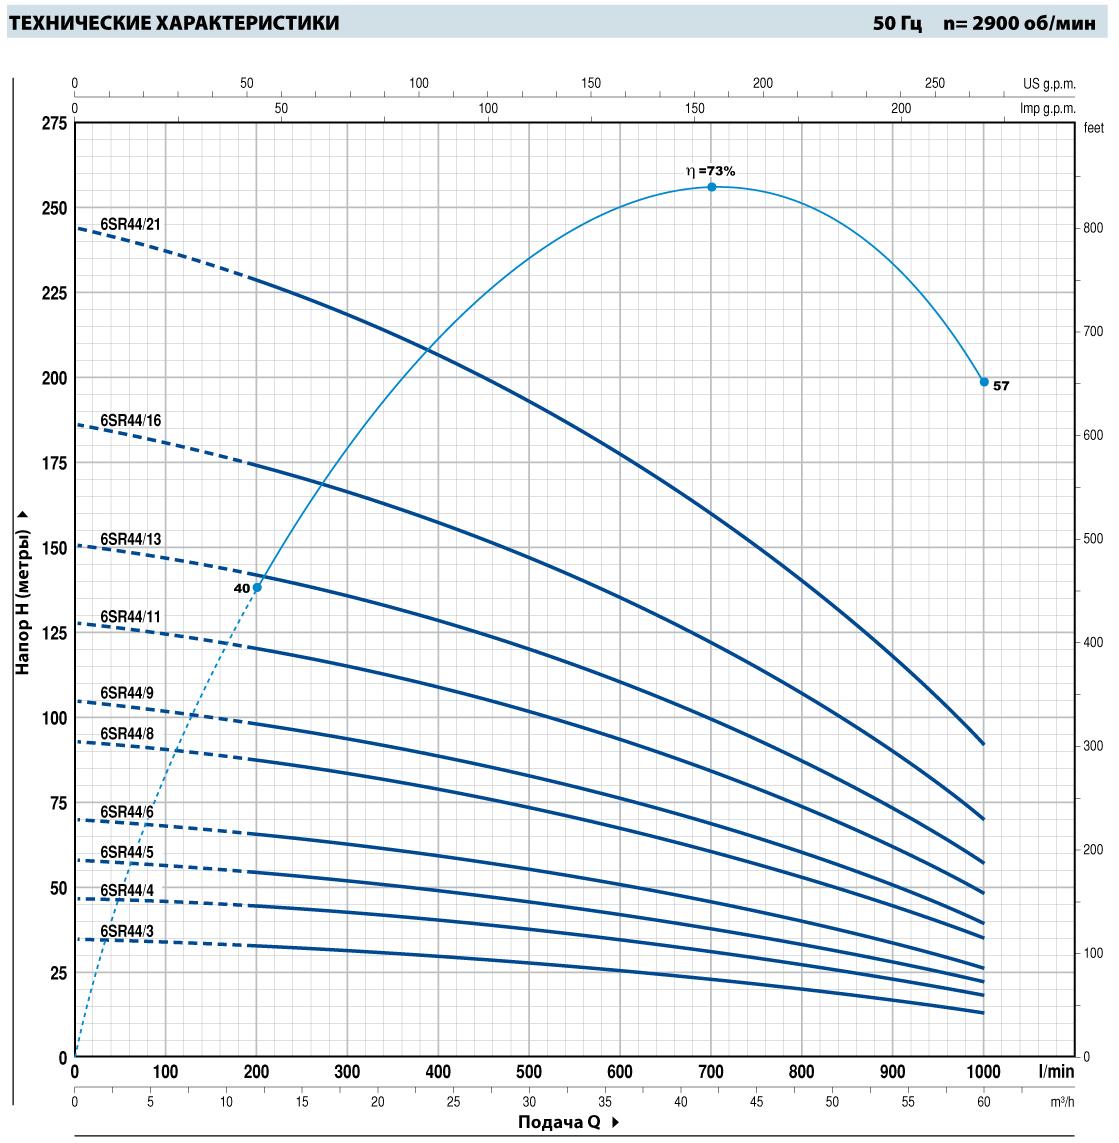 Шкала производительности погружного насоса Pedrollo 6SR44